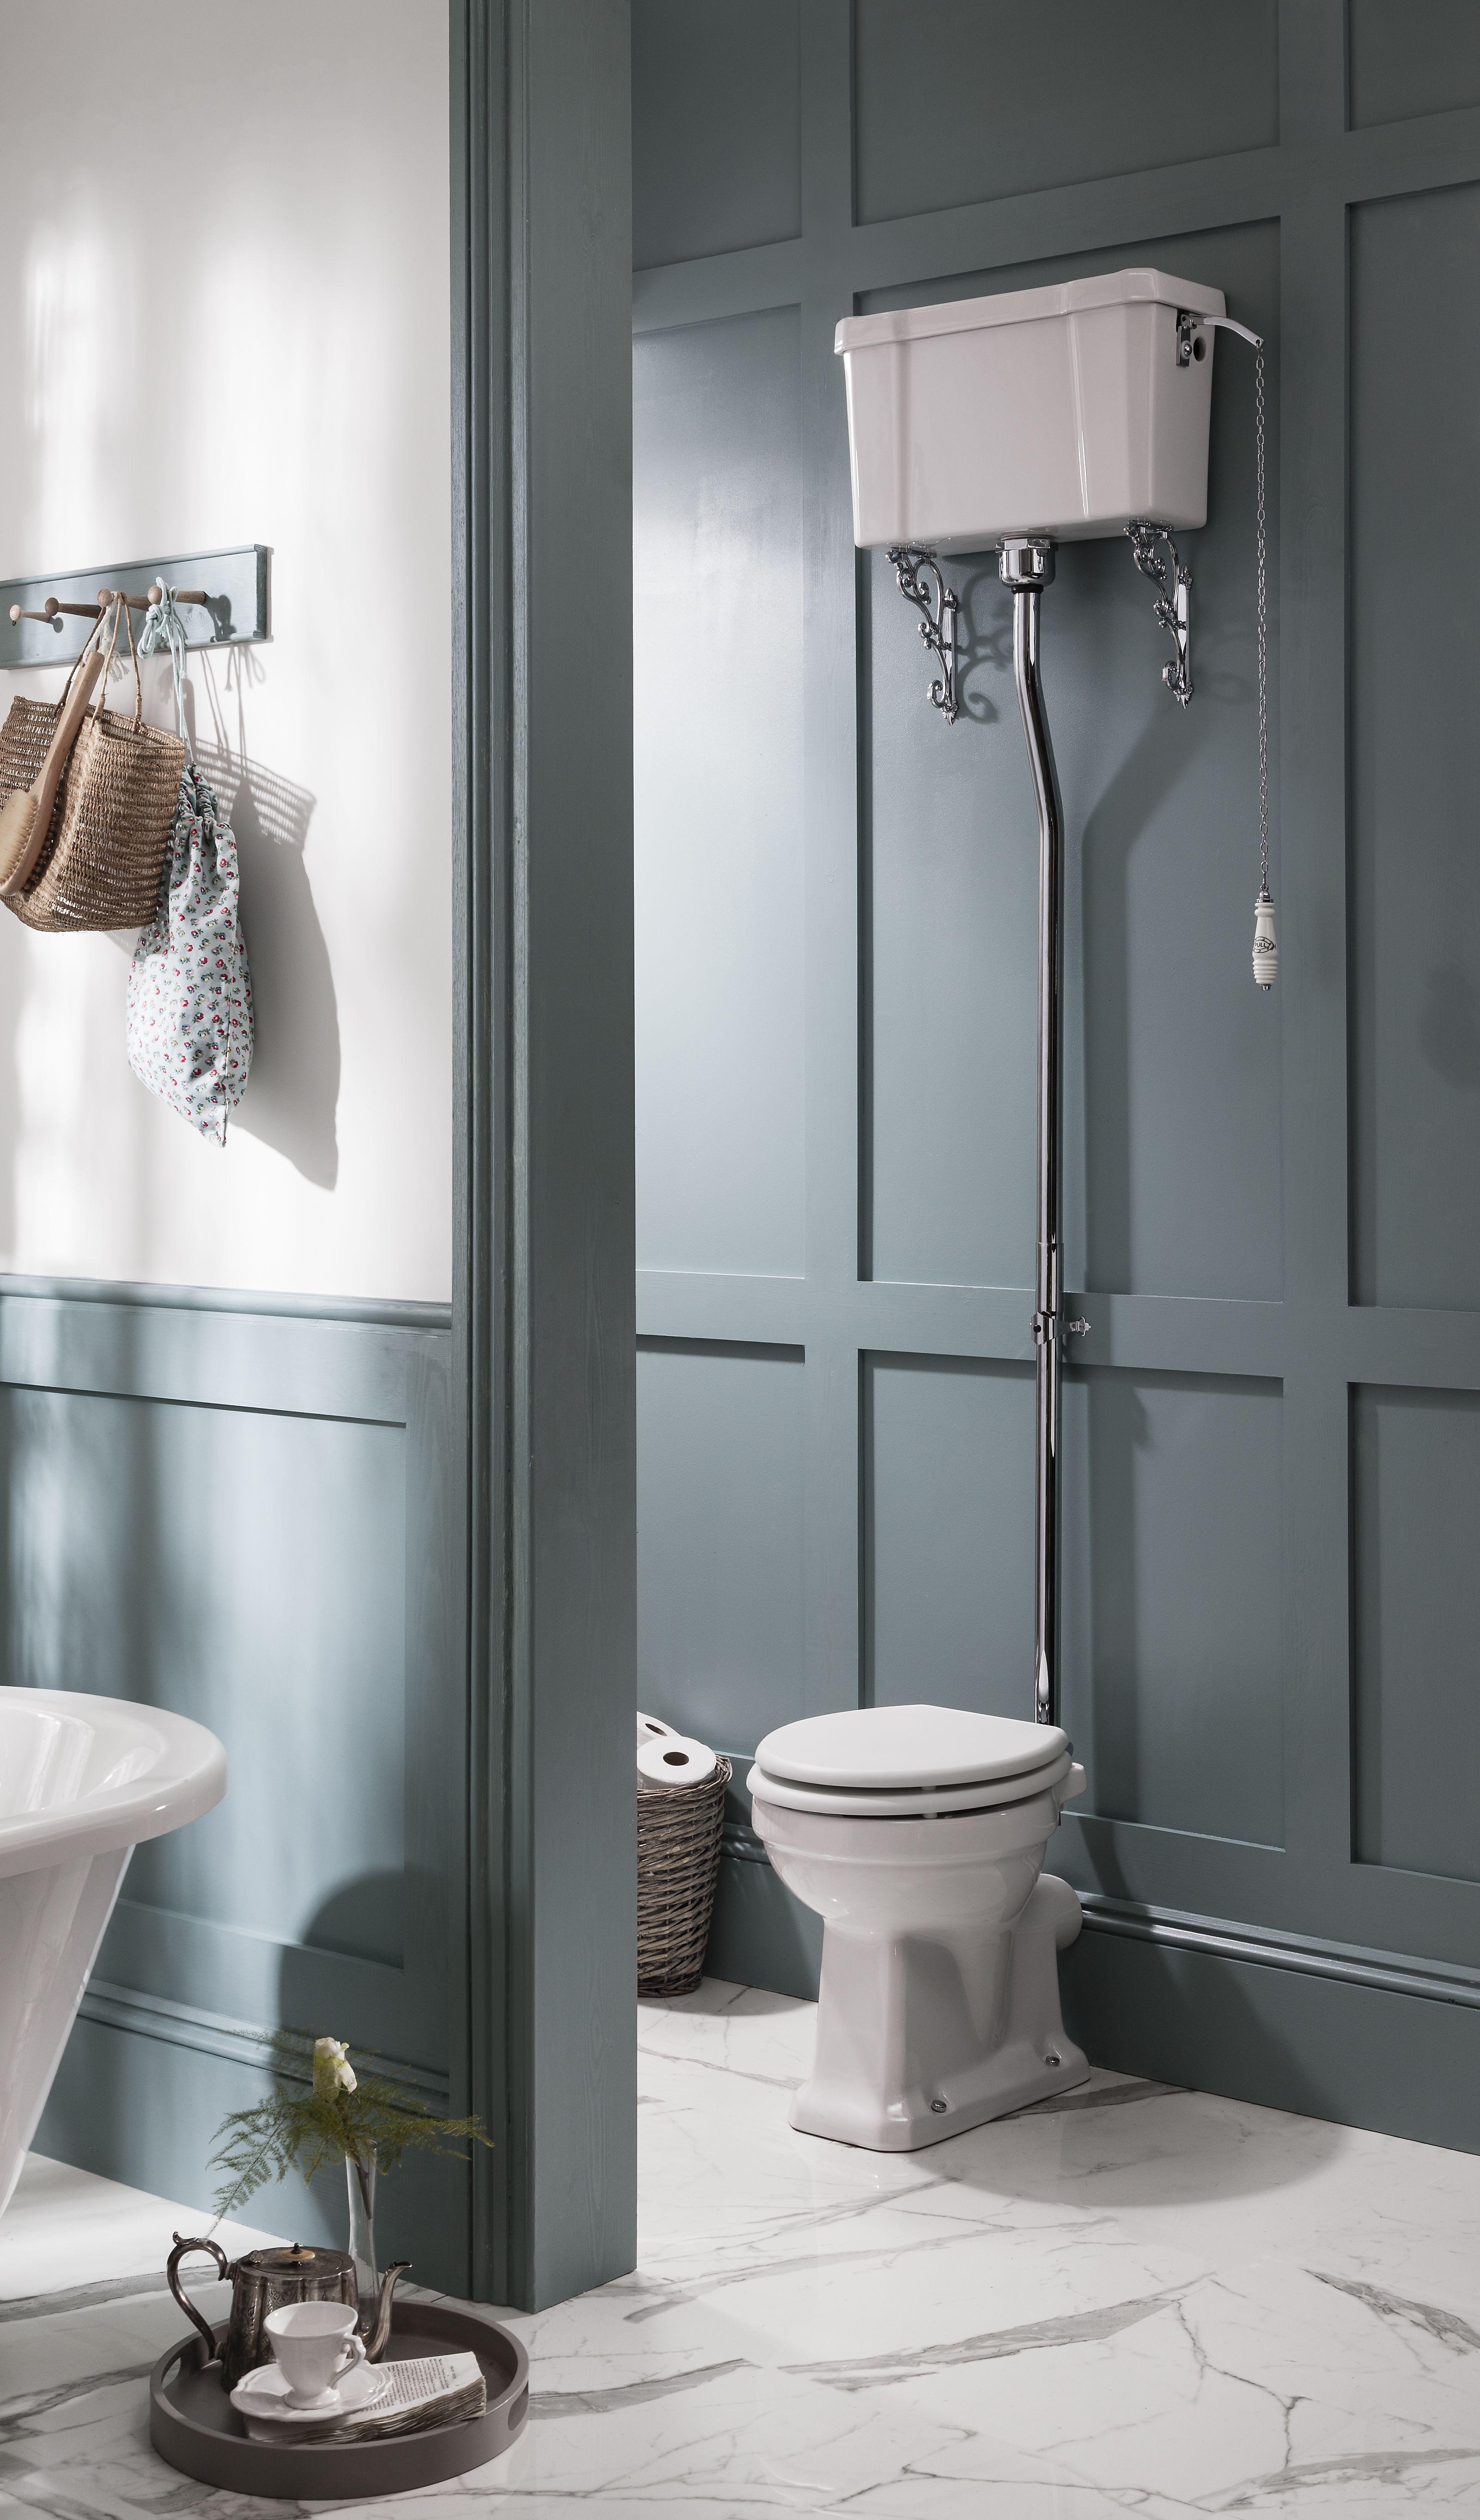 echt kultig, dieses Badezimmer #spülkasten #wc #badezimmer #landhaus ...